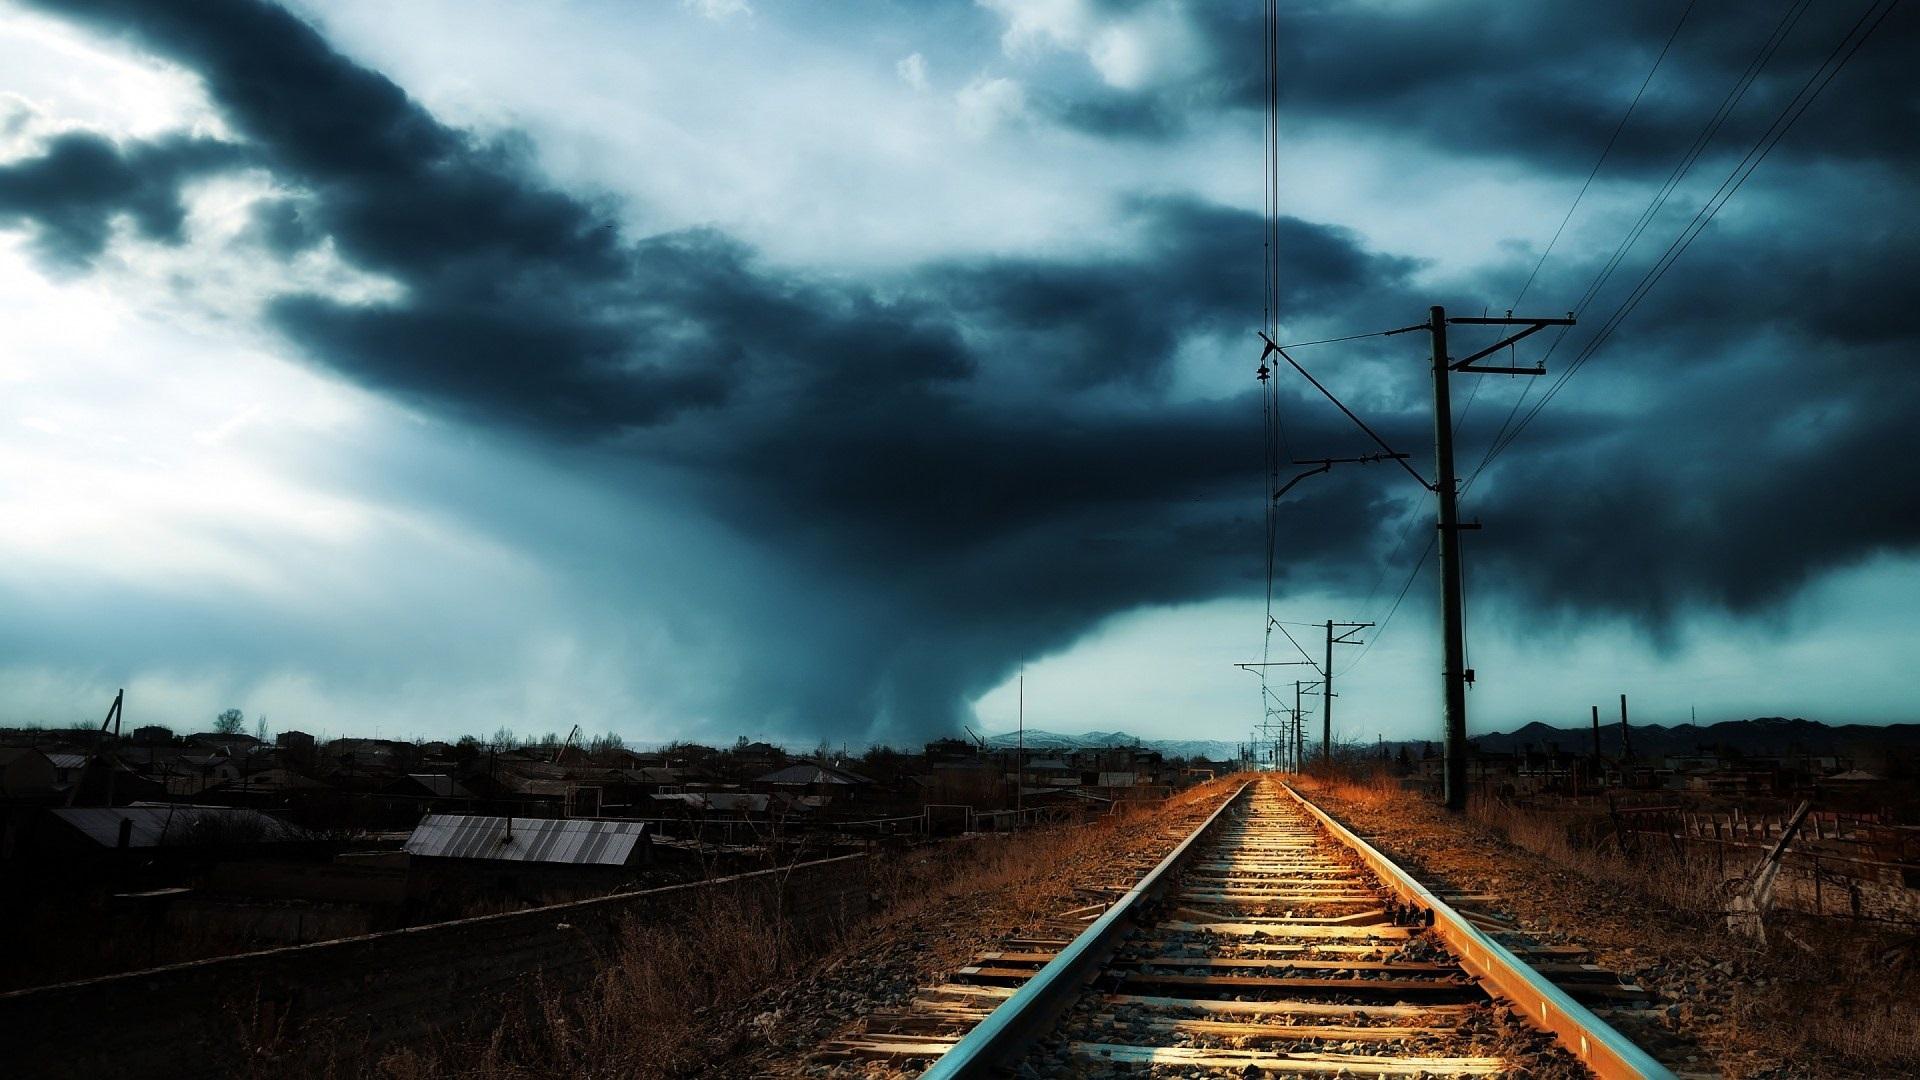 Железная дорога рельсы природа солнце небо облака деревья загрузить